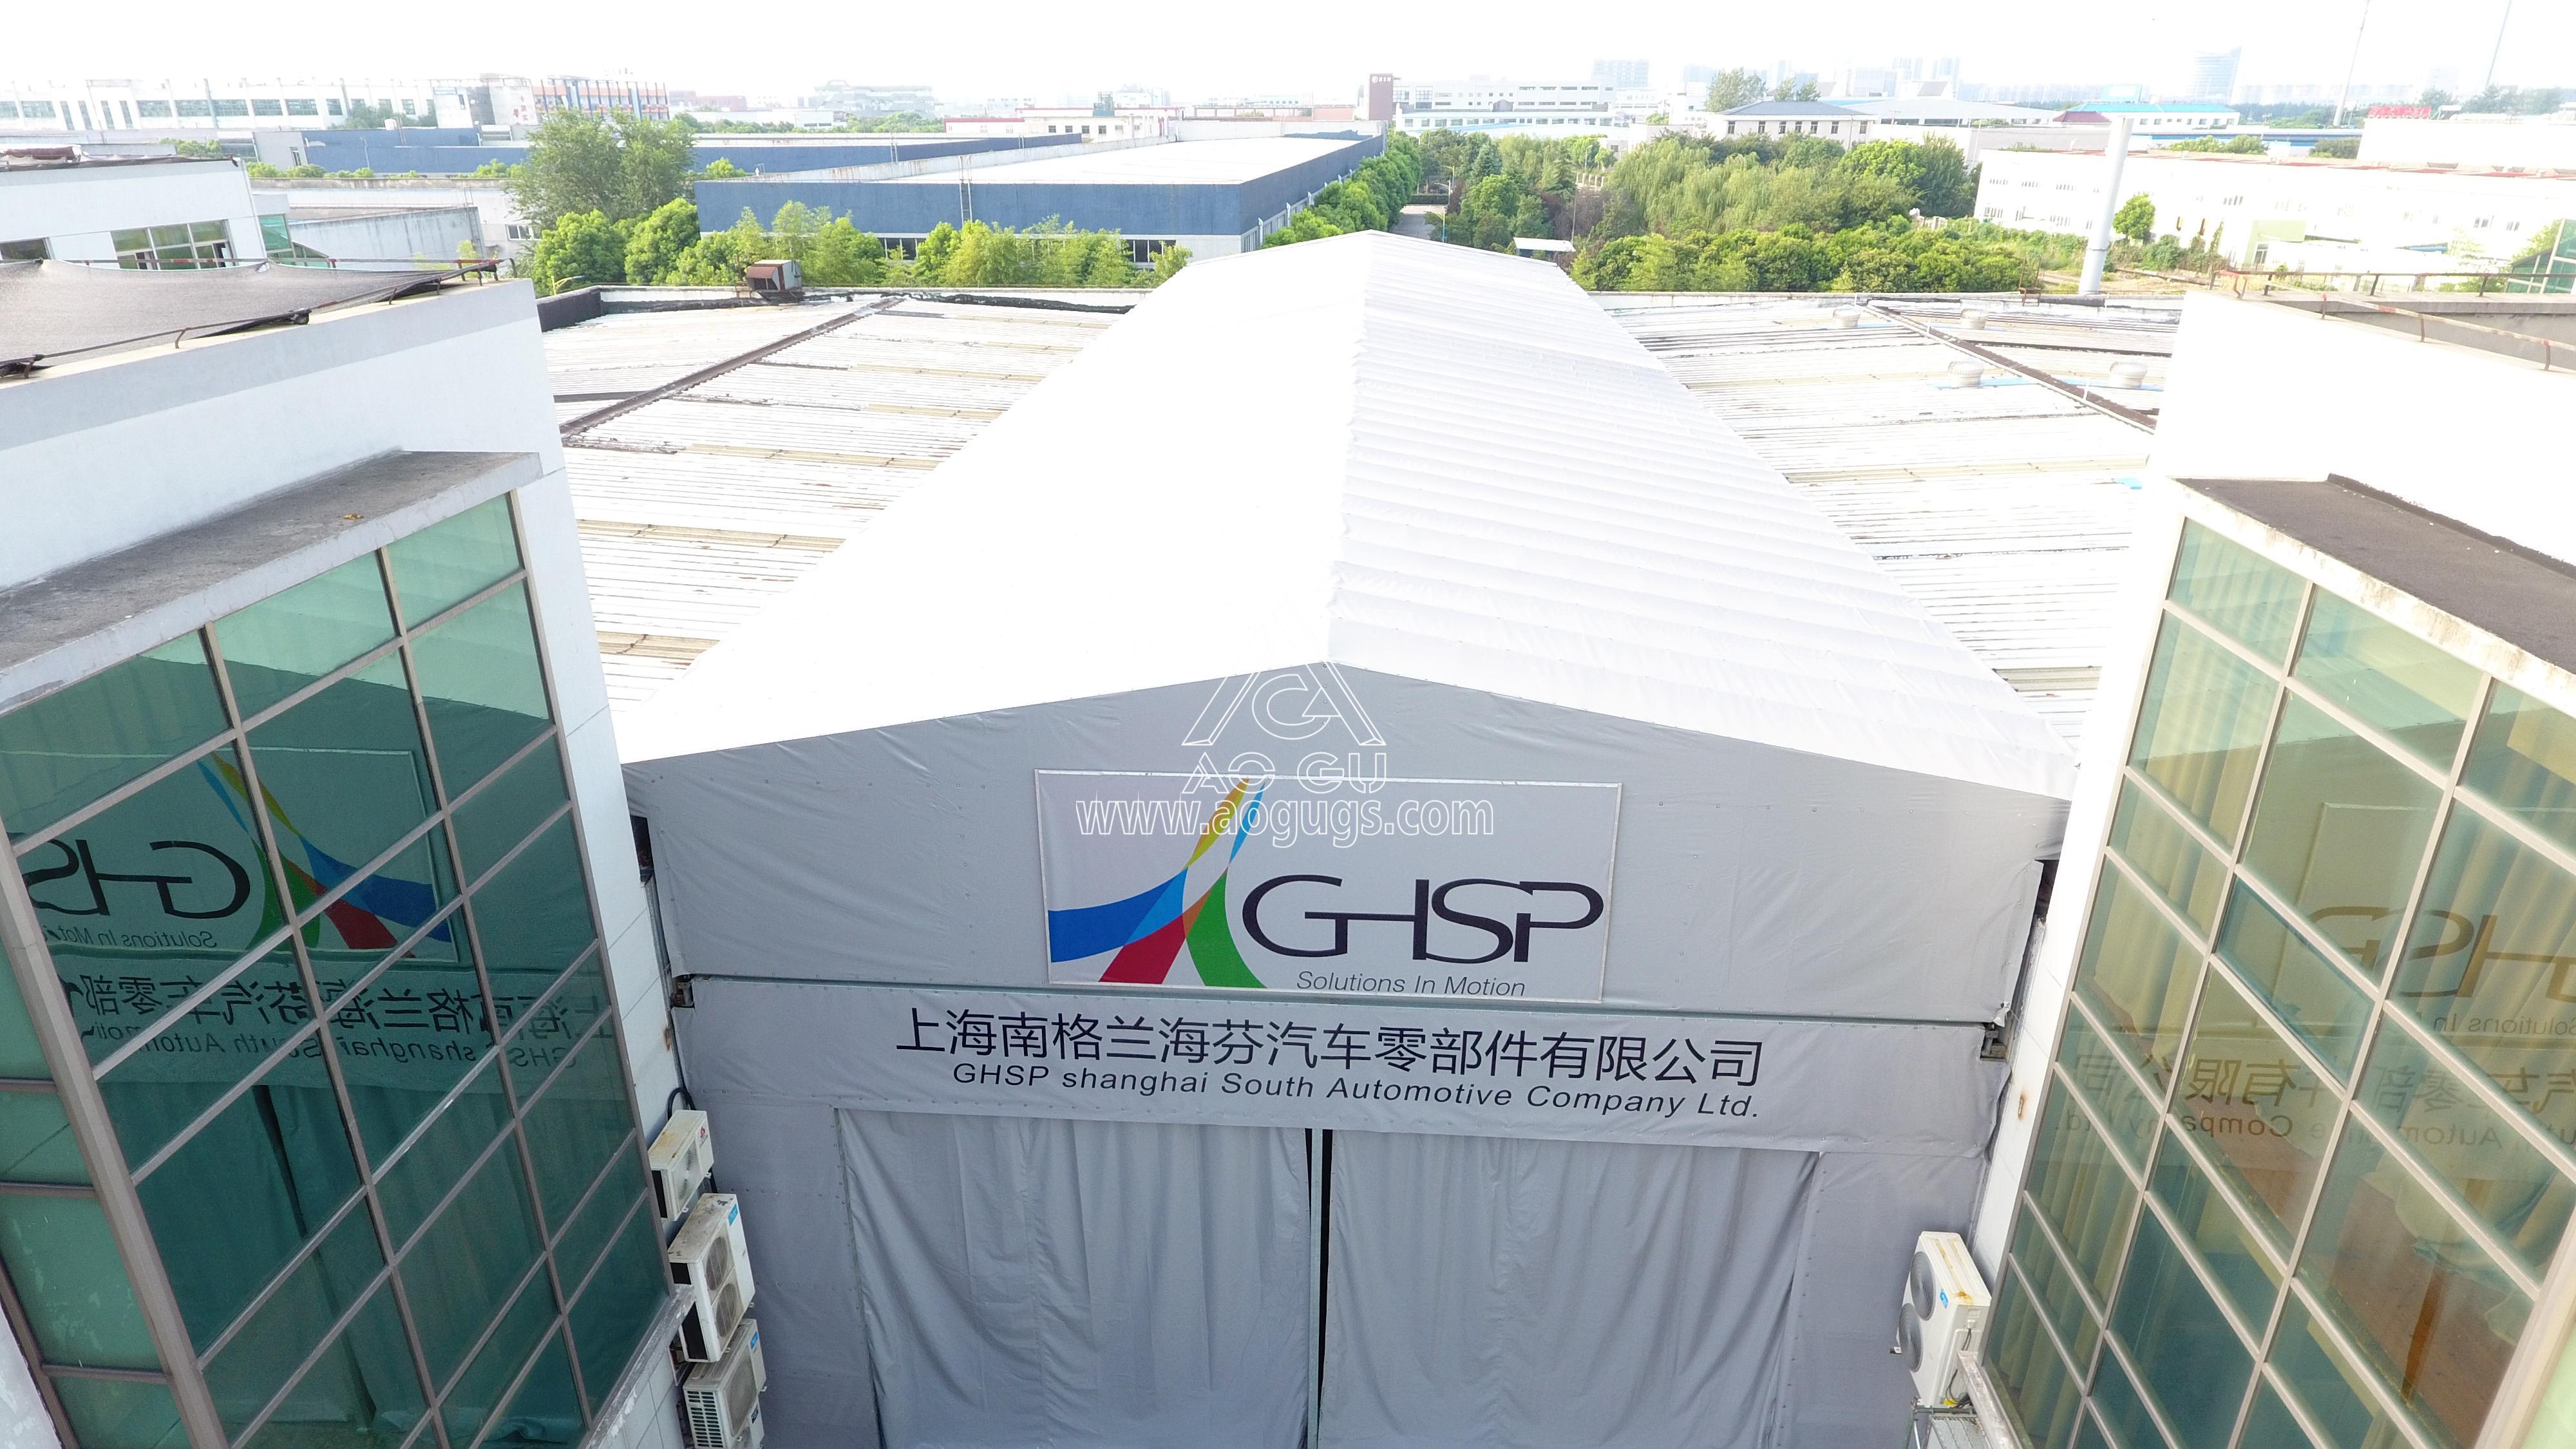 美国工厂厂房之间电动伸缩活动架空推拉篷